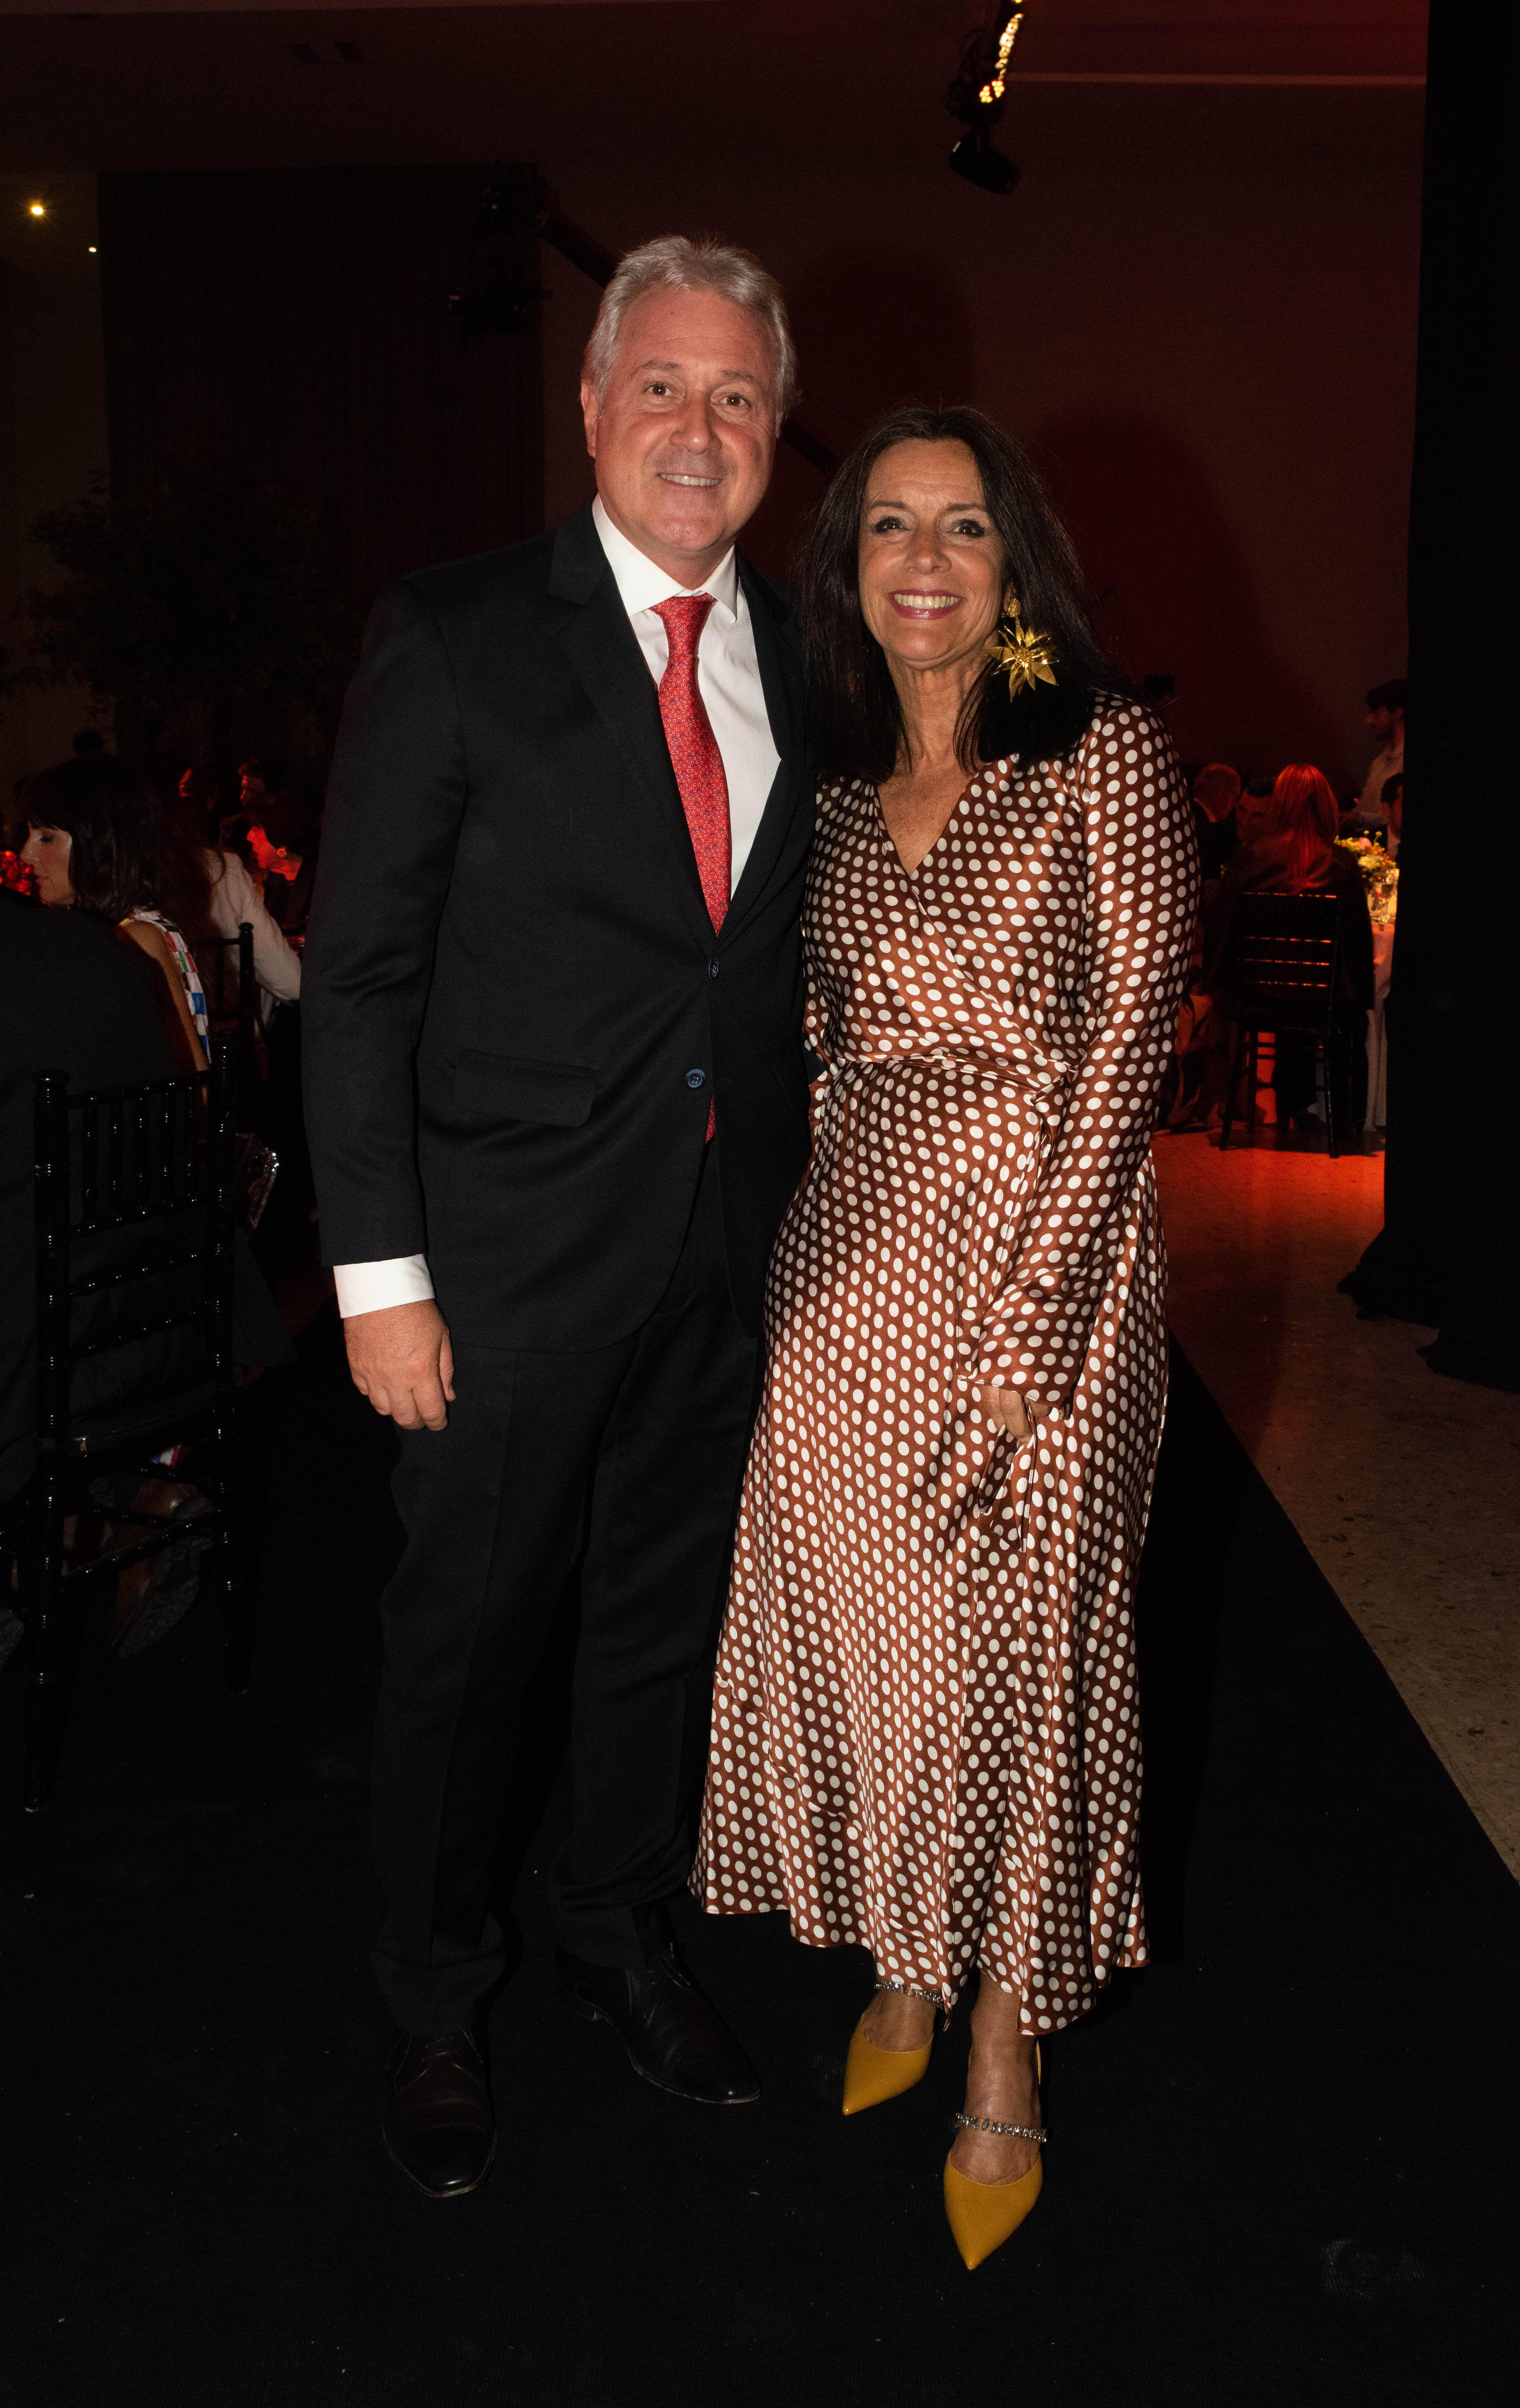 Matías Patanian, vicepresidente de Aeropuertos Argentina 2000, y Carolina Barros, directora de Comunicaciones de Corporación América